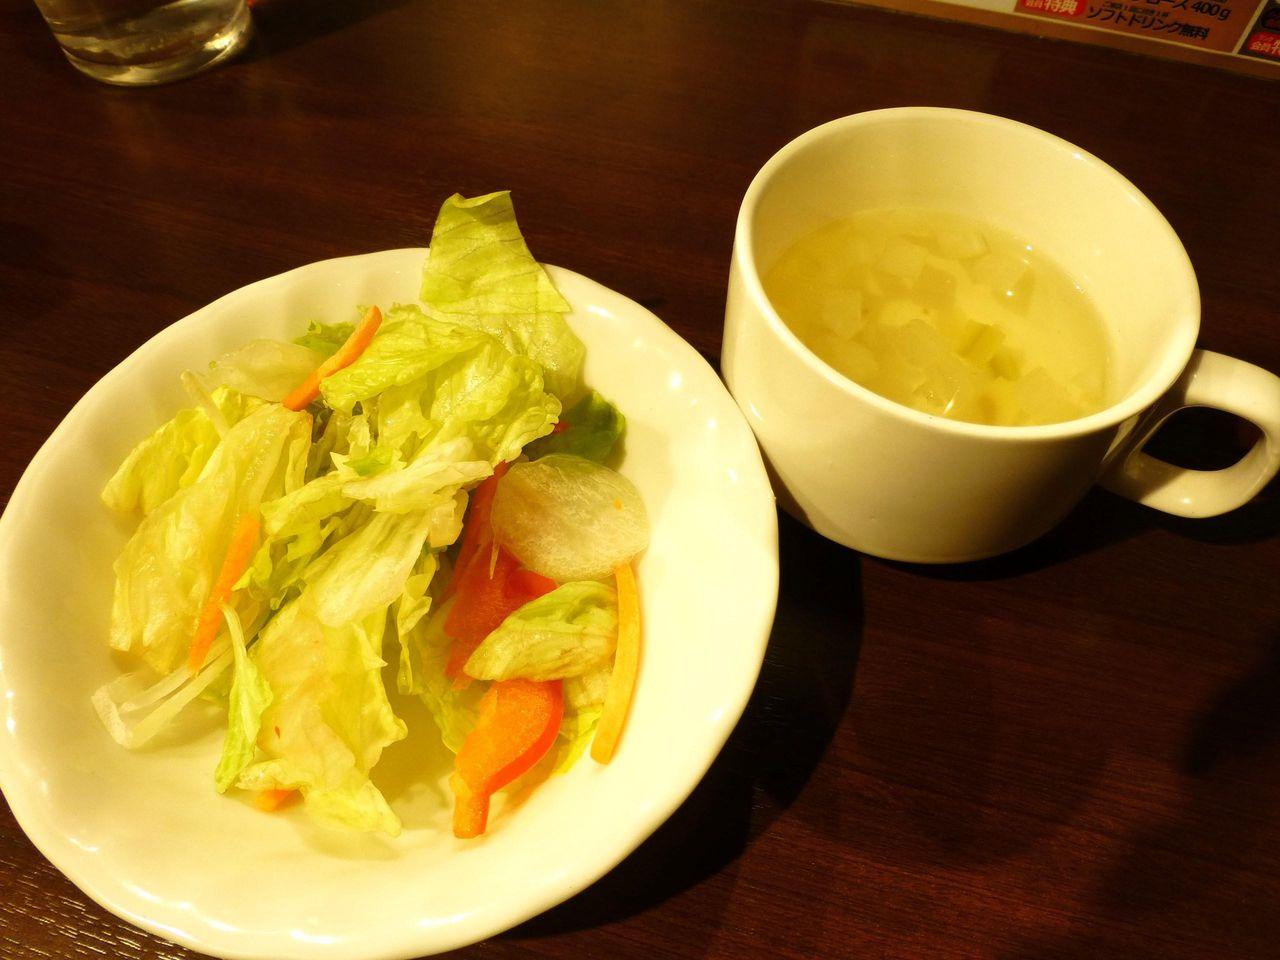 すぐにサラダとスープが出てきます!